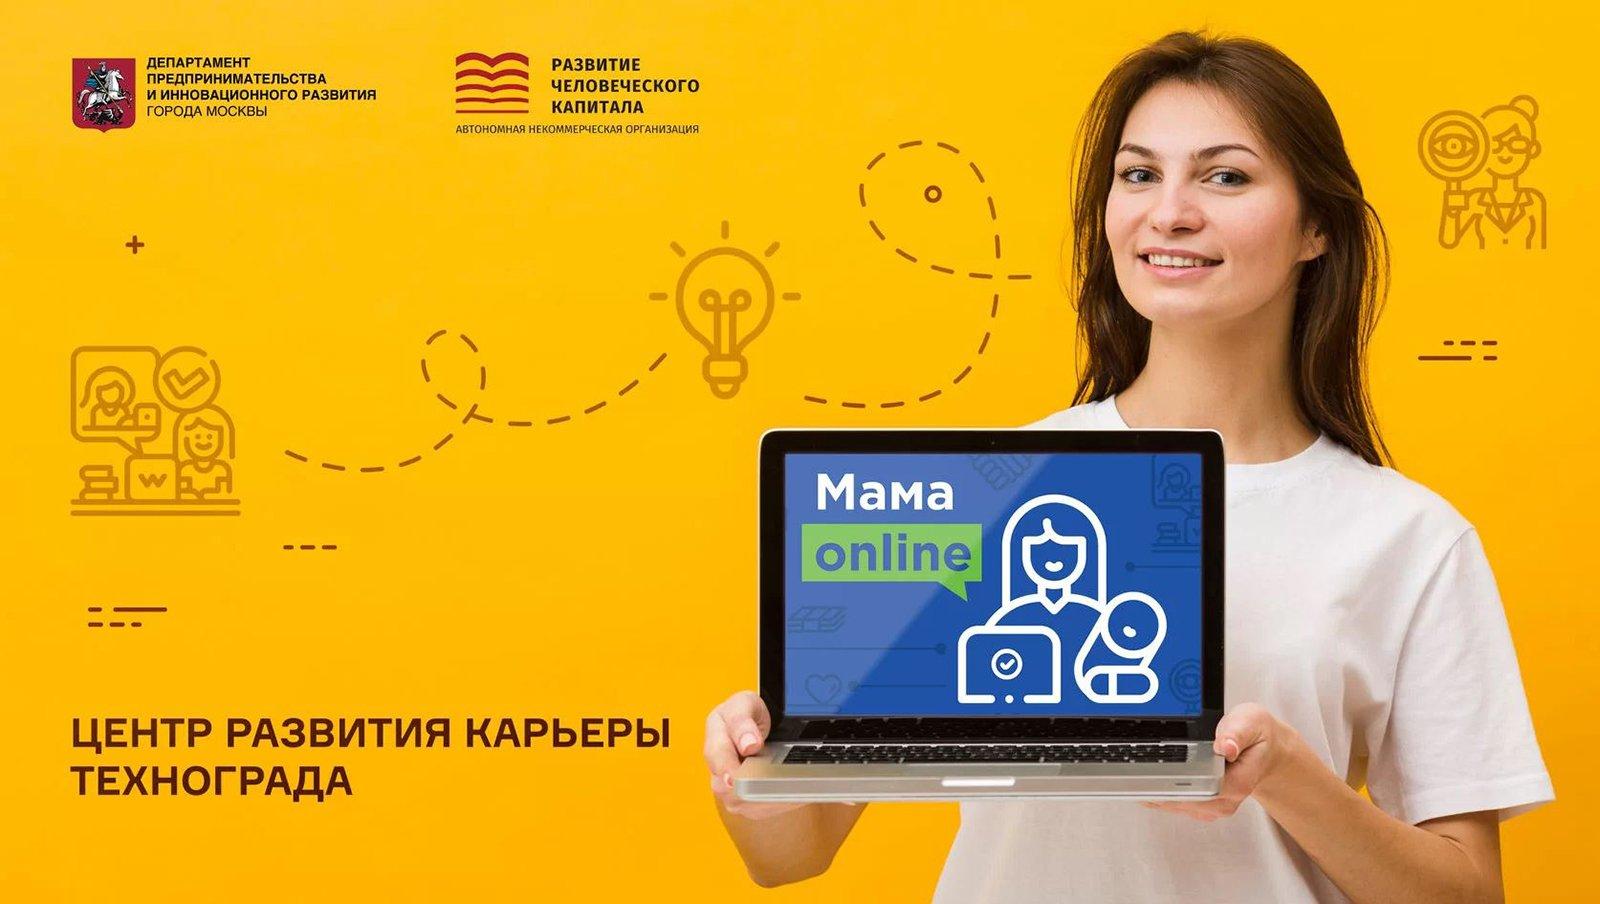 «Мама онлайн»: центр развития карьеры запустил новый проект